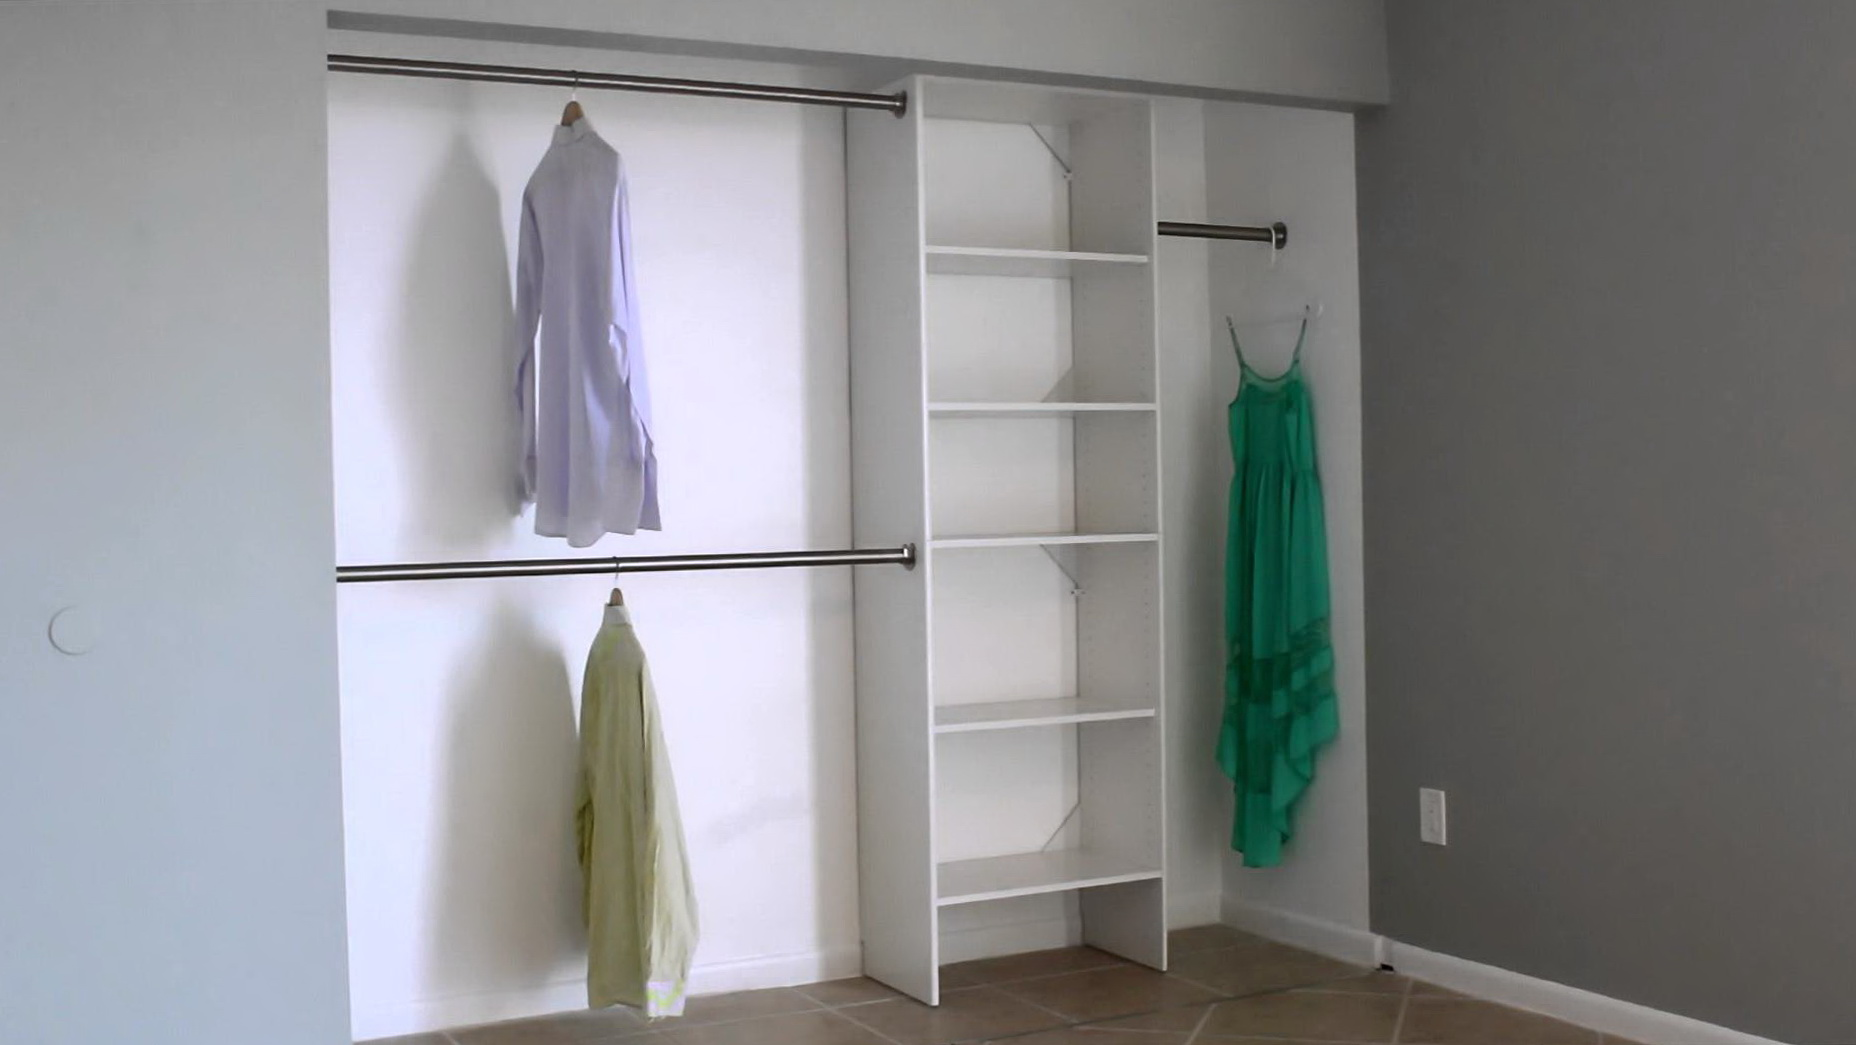 Closet Shelf And Rod Height Home Design Ideas